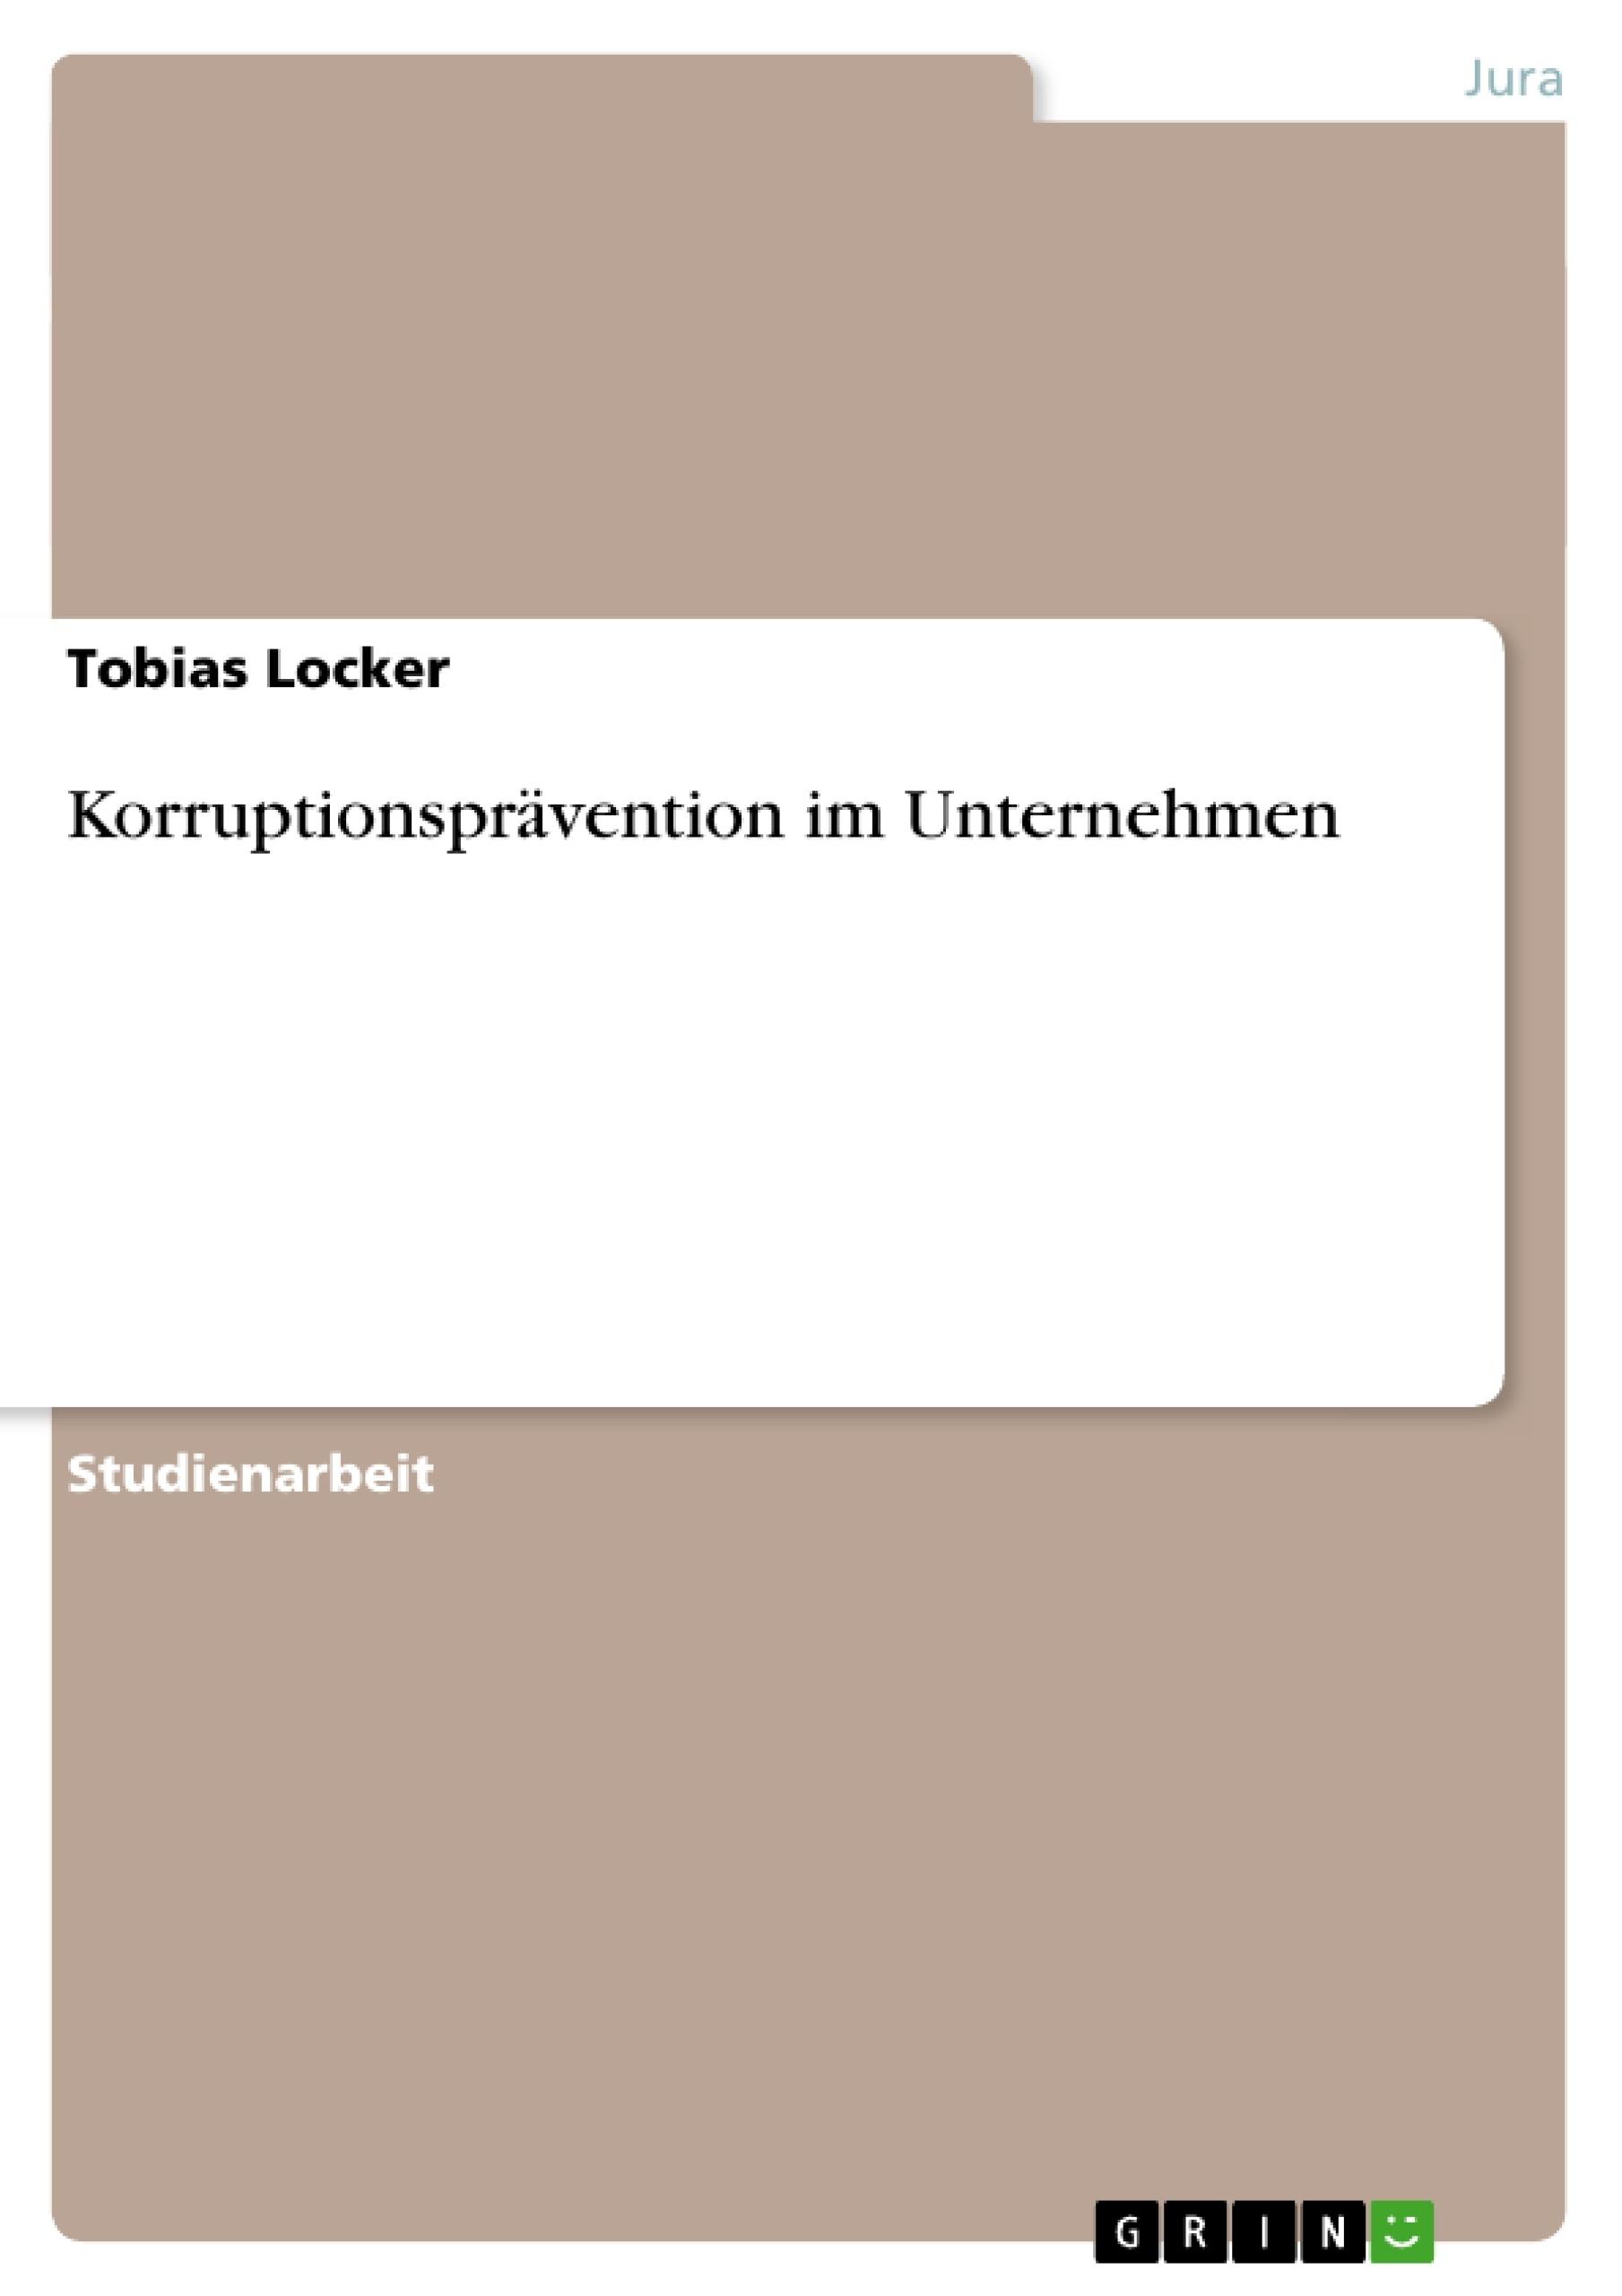 Titel: Korruptionsprävention im Unternehmen